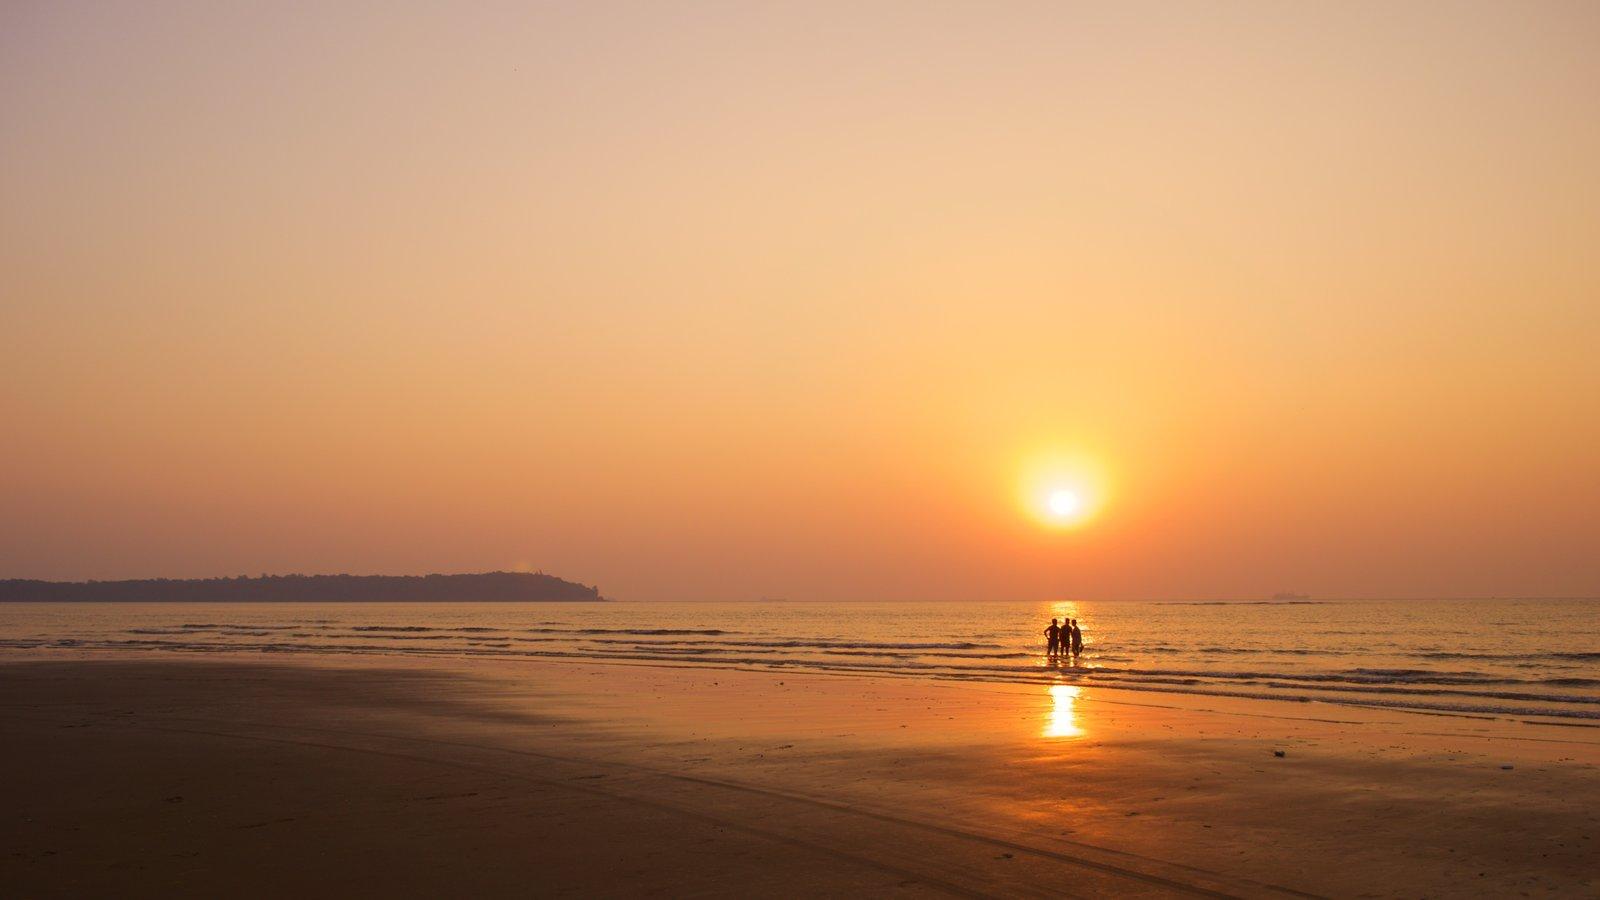 Miramar Beach showing a beach, general coastal views and a sunset